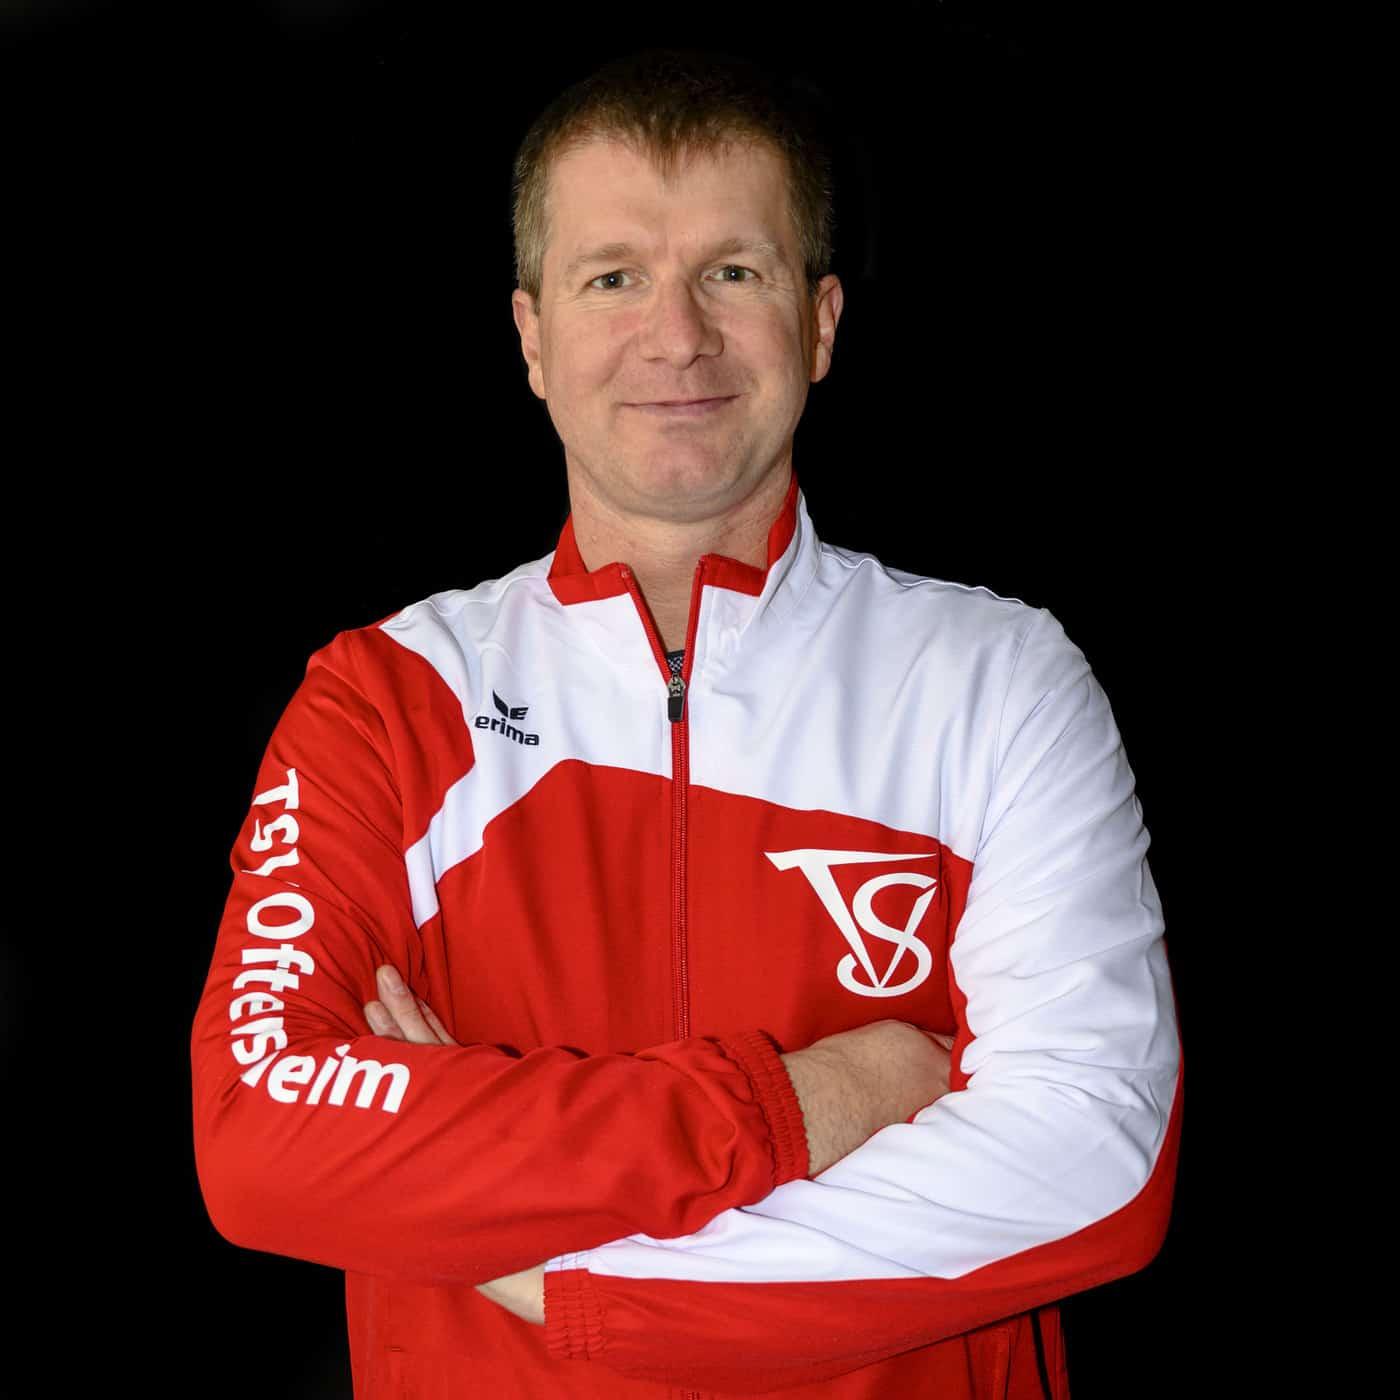 Dr. Markus Lauff